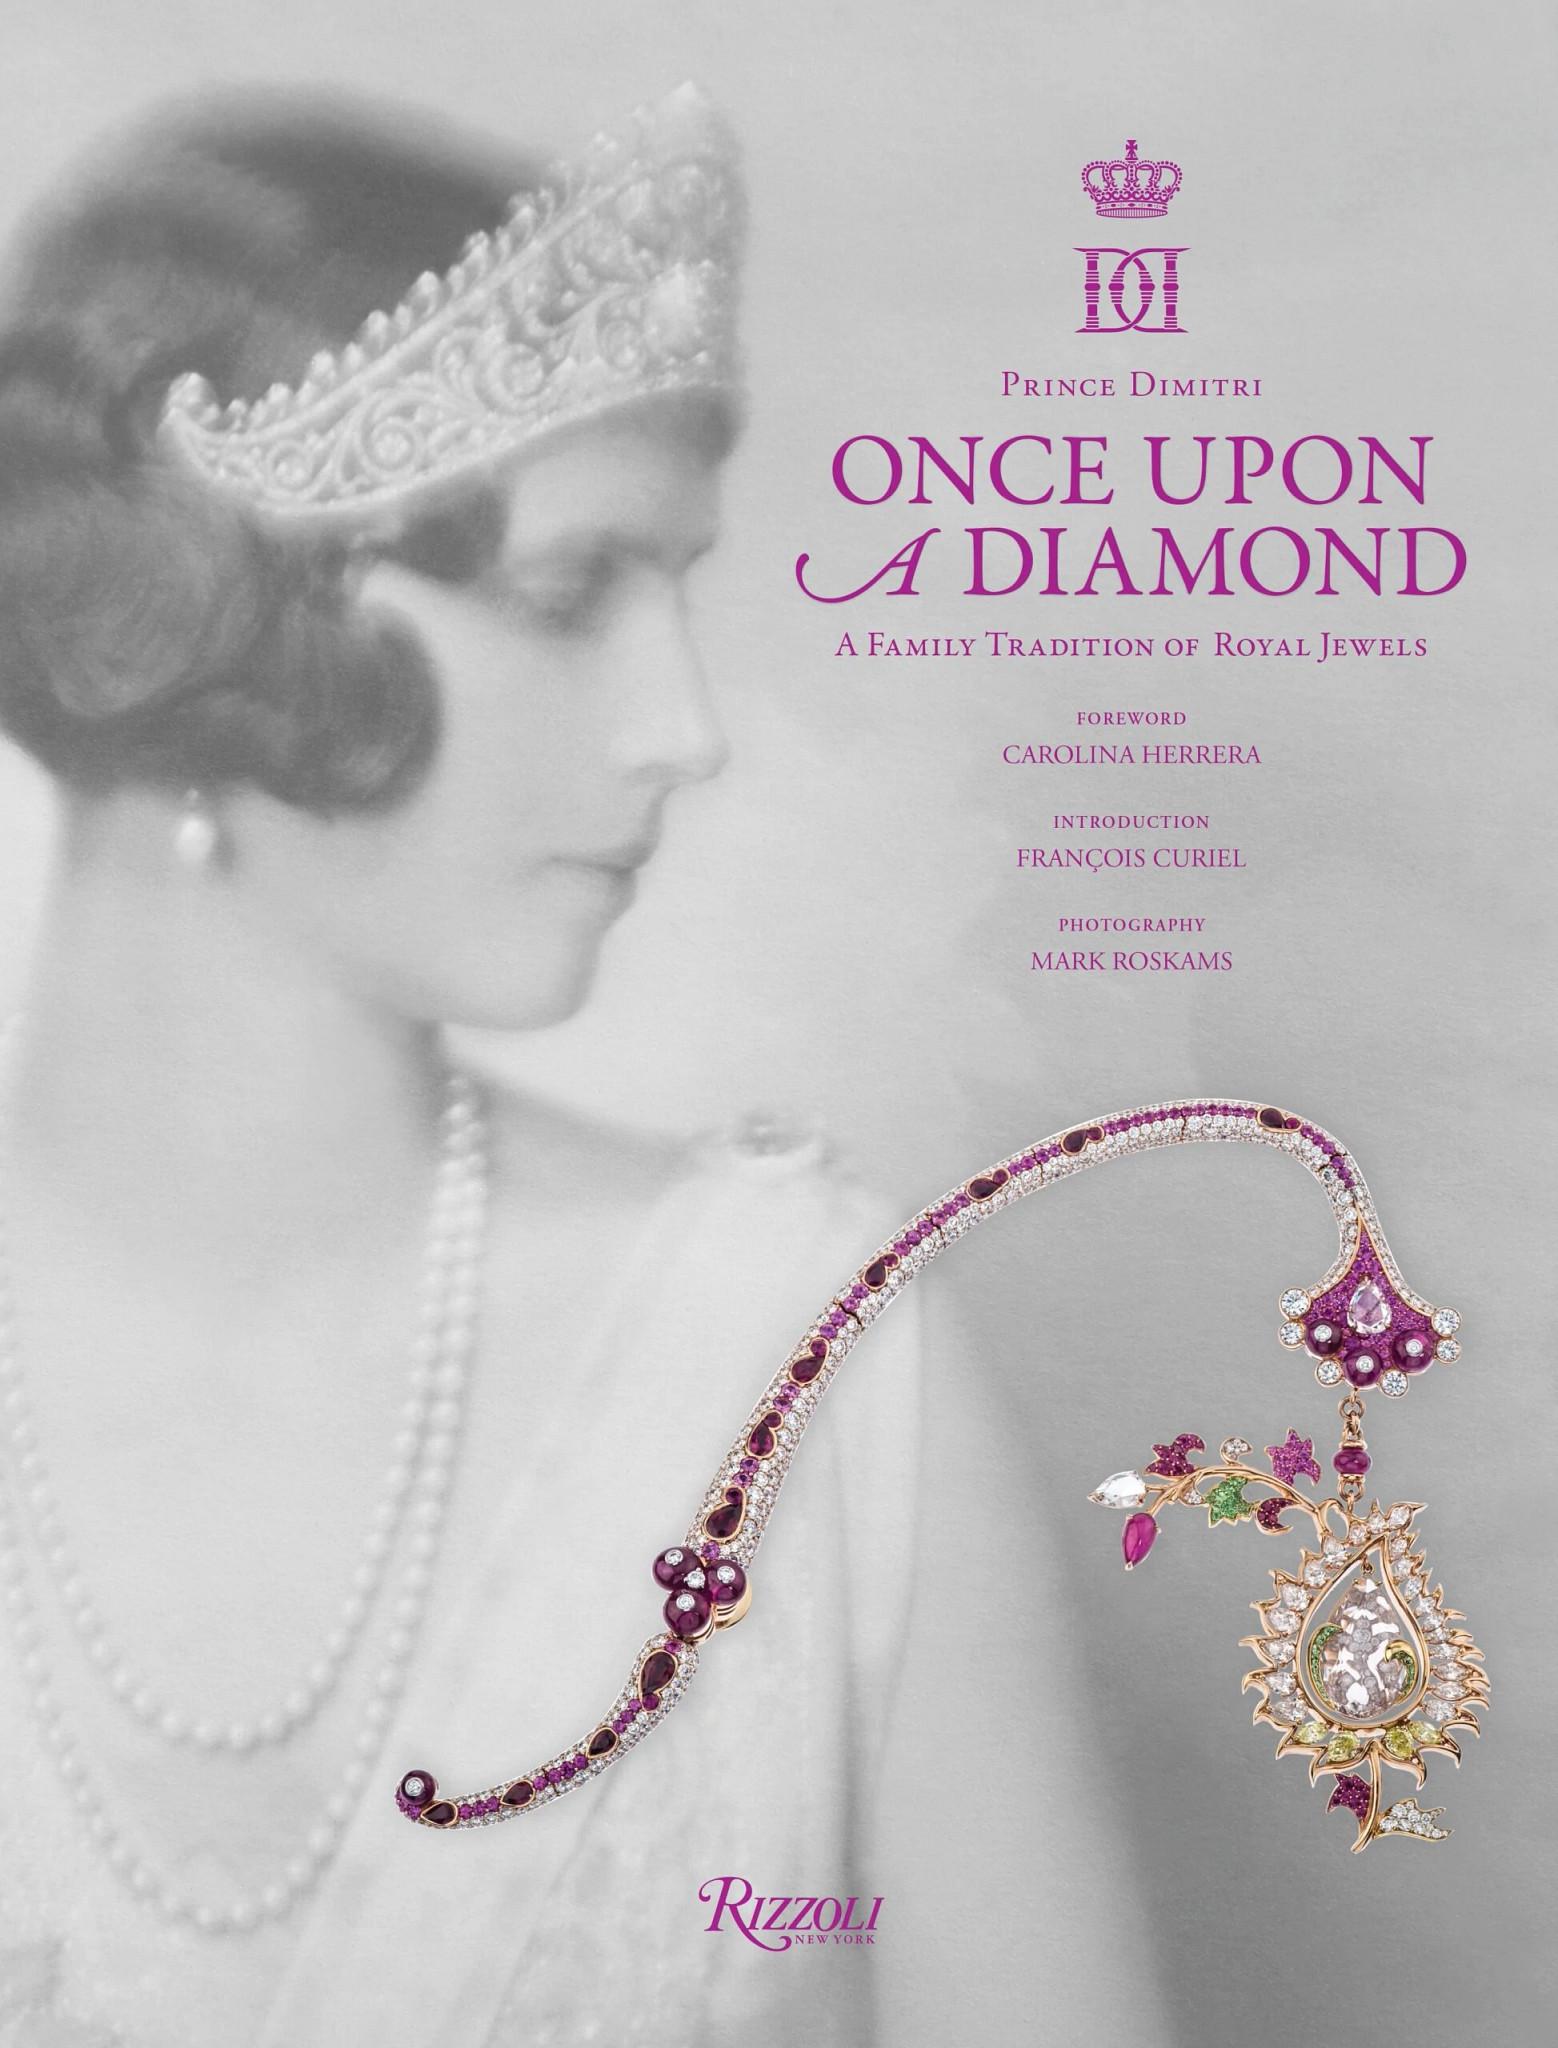 《从前的天然钻石:皇家家族的珠宝佩戴传统》